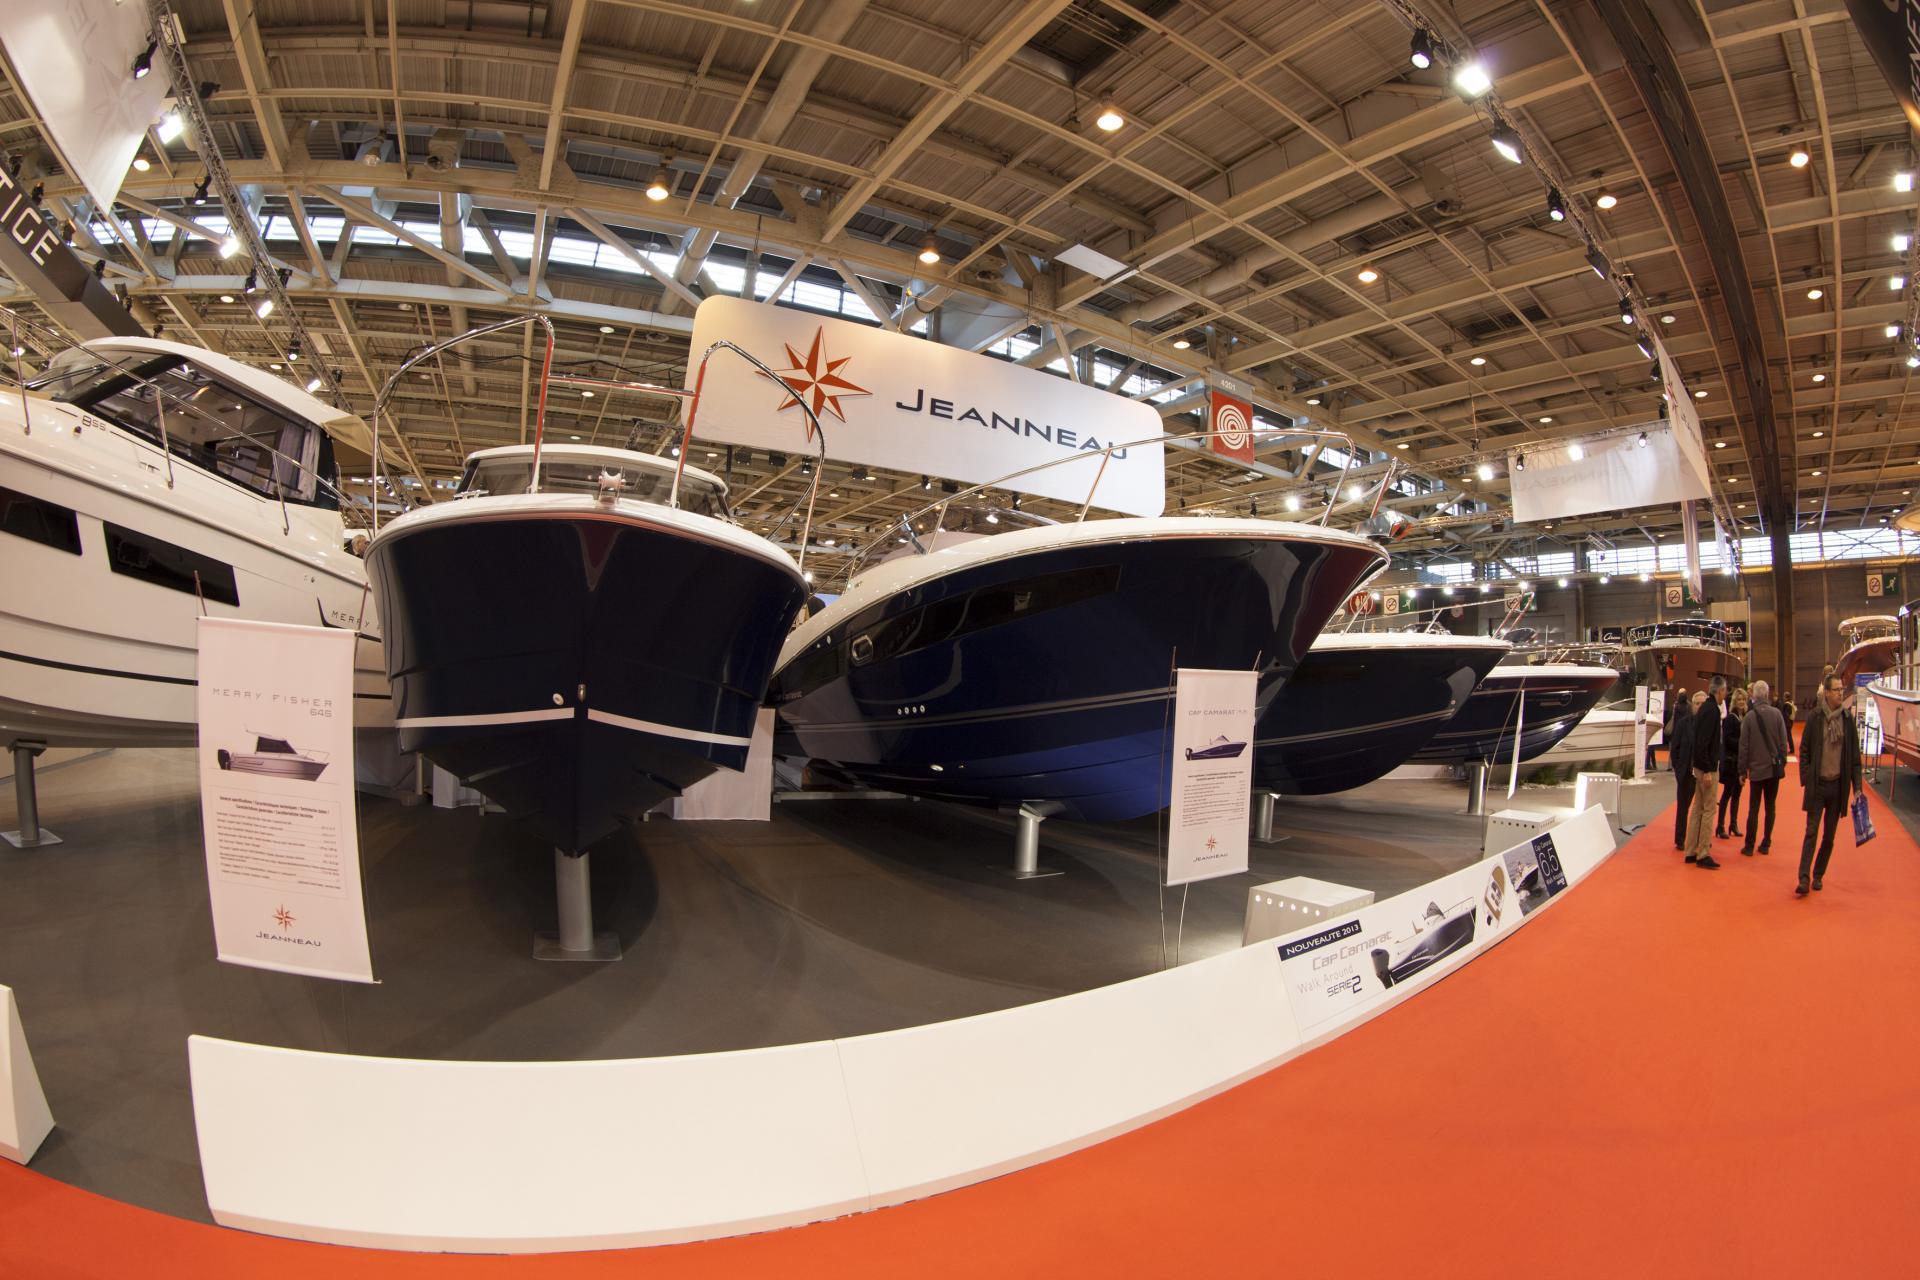 Jeanneau sur le salon nautique de paris 2012 jeanneau for Salon nautique porte de versailles horaires